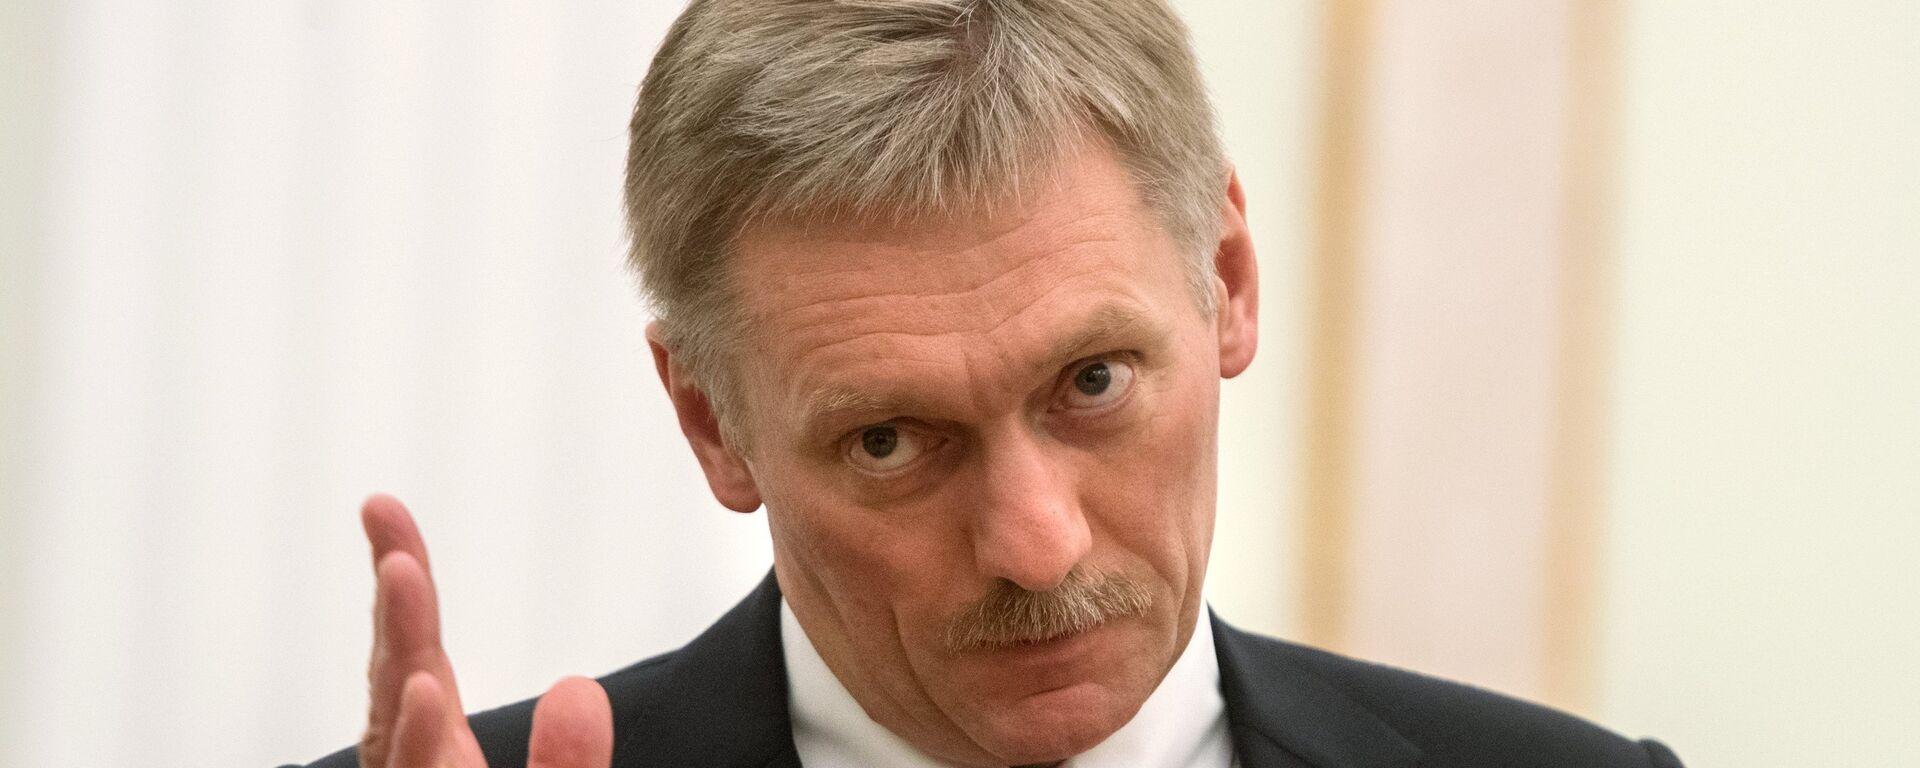 Пресс-секретарь президента РФ Дмитрий Песков - Sputnik Latvija, 1920, 12.10.2021